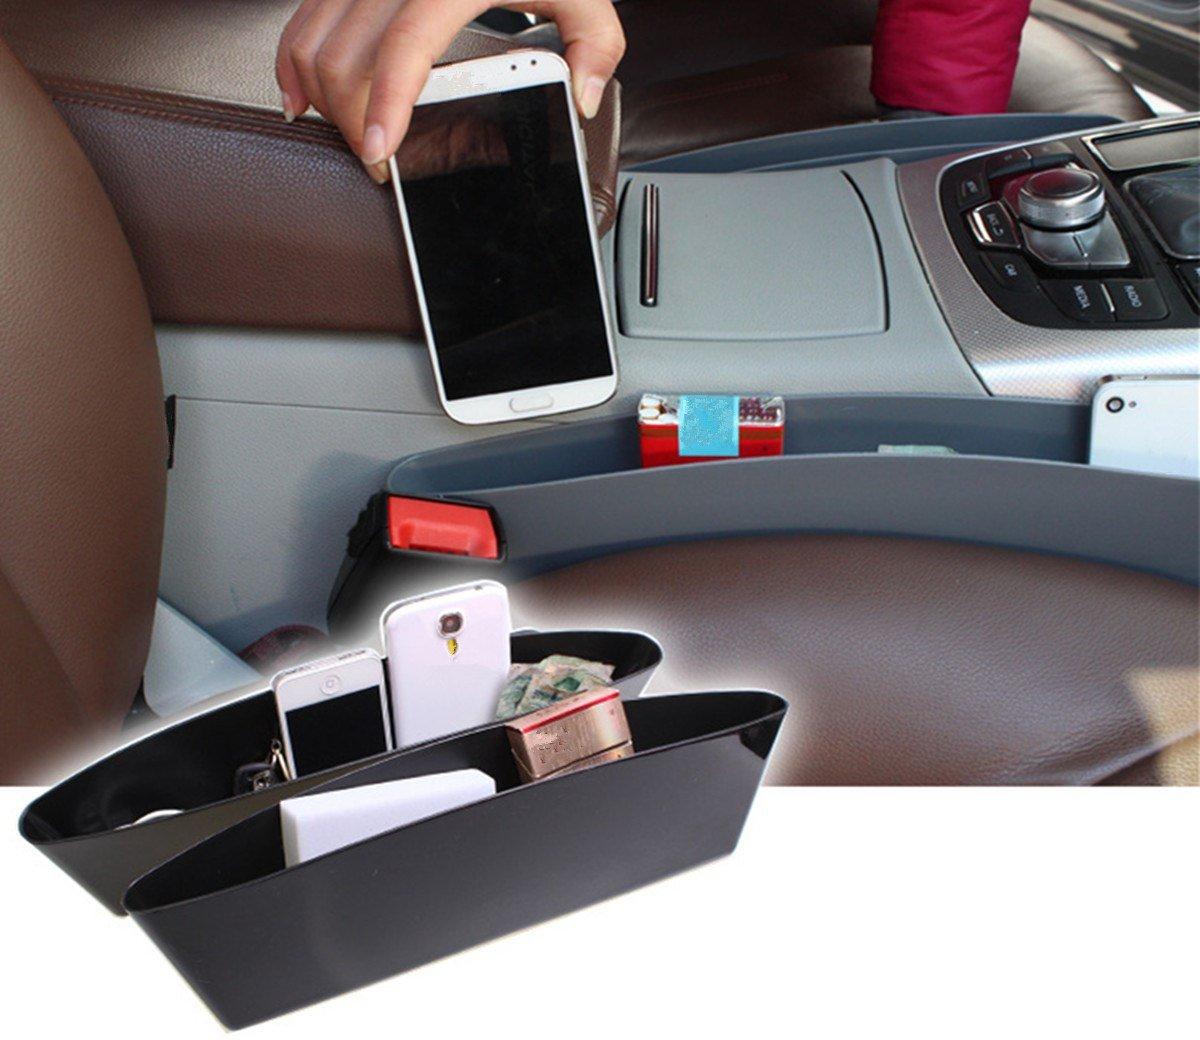 Poche lat/érale BAITER Si/ège auto voiture universel Flexible robuste de fente de rangement suppl/émentaire Capteur de rangement pour ranger 2/pi/èces